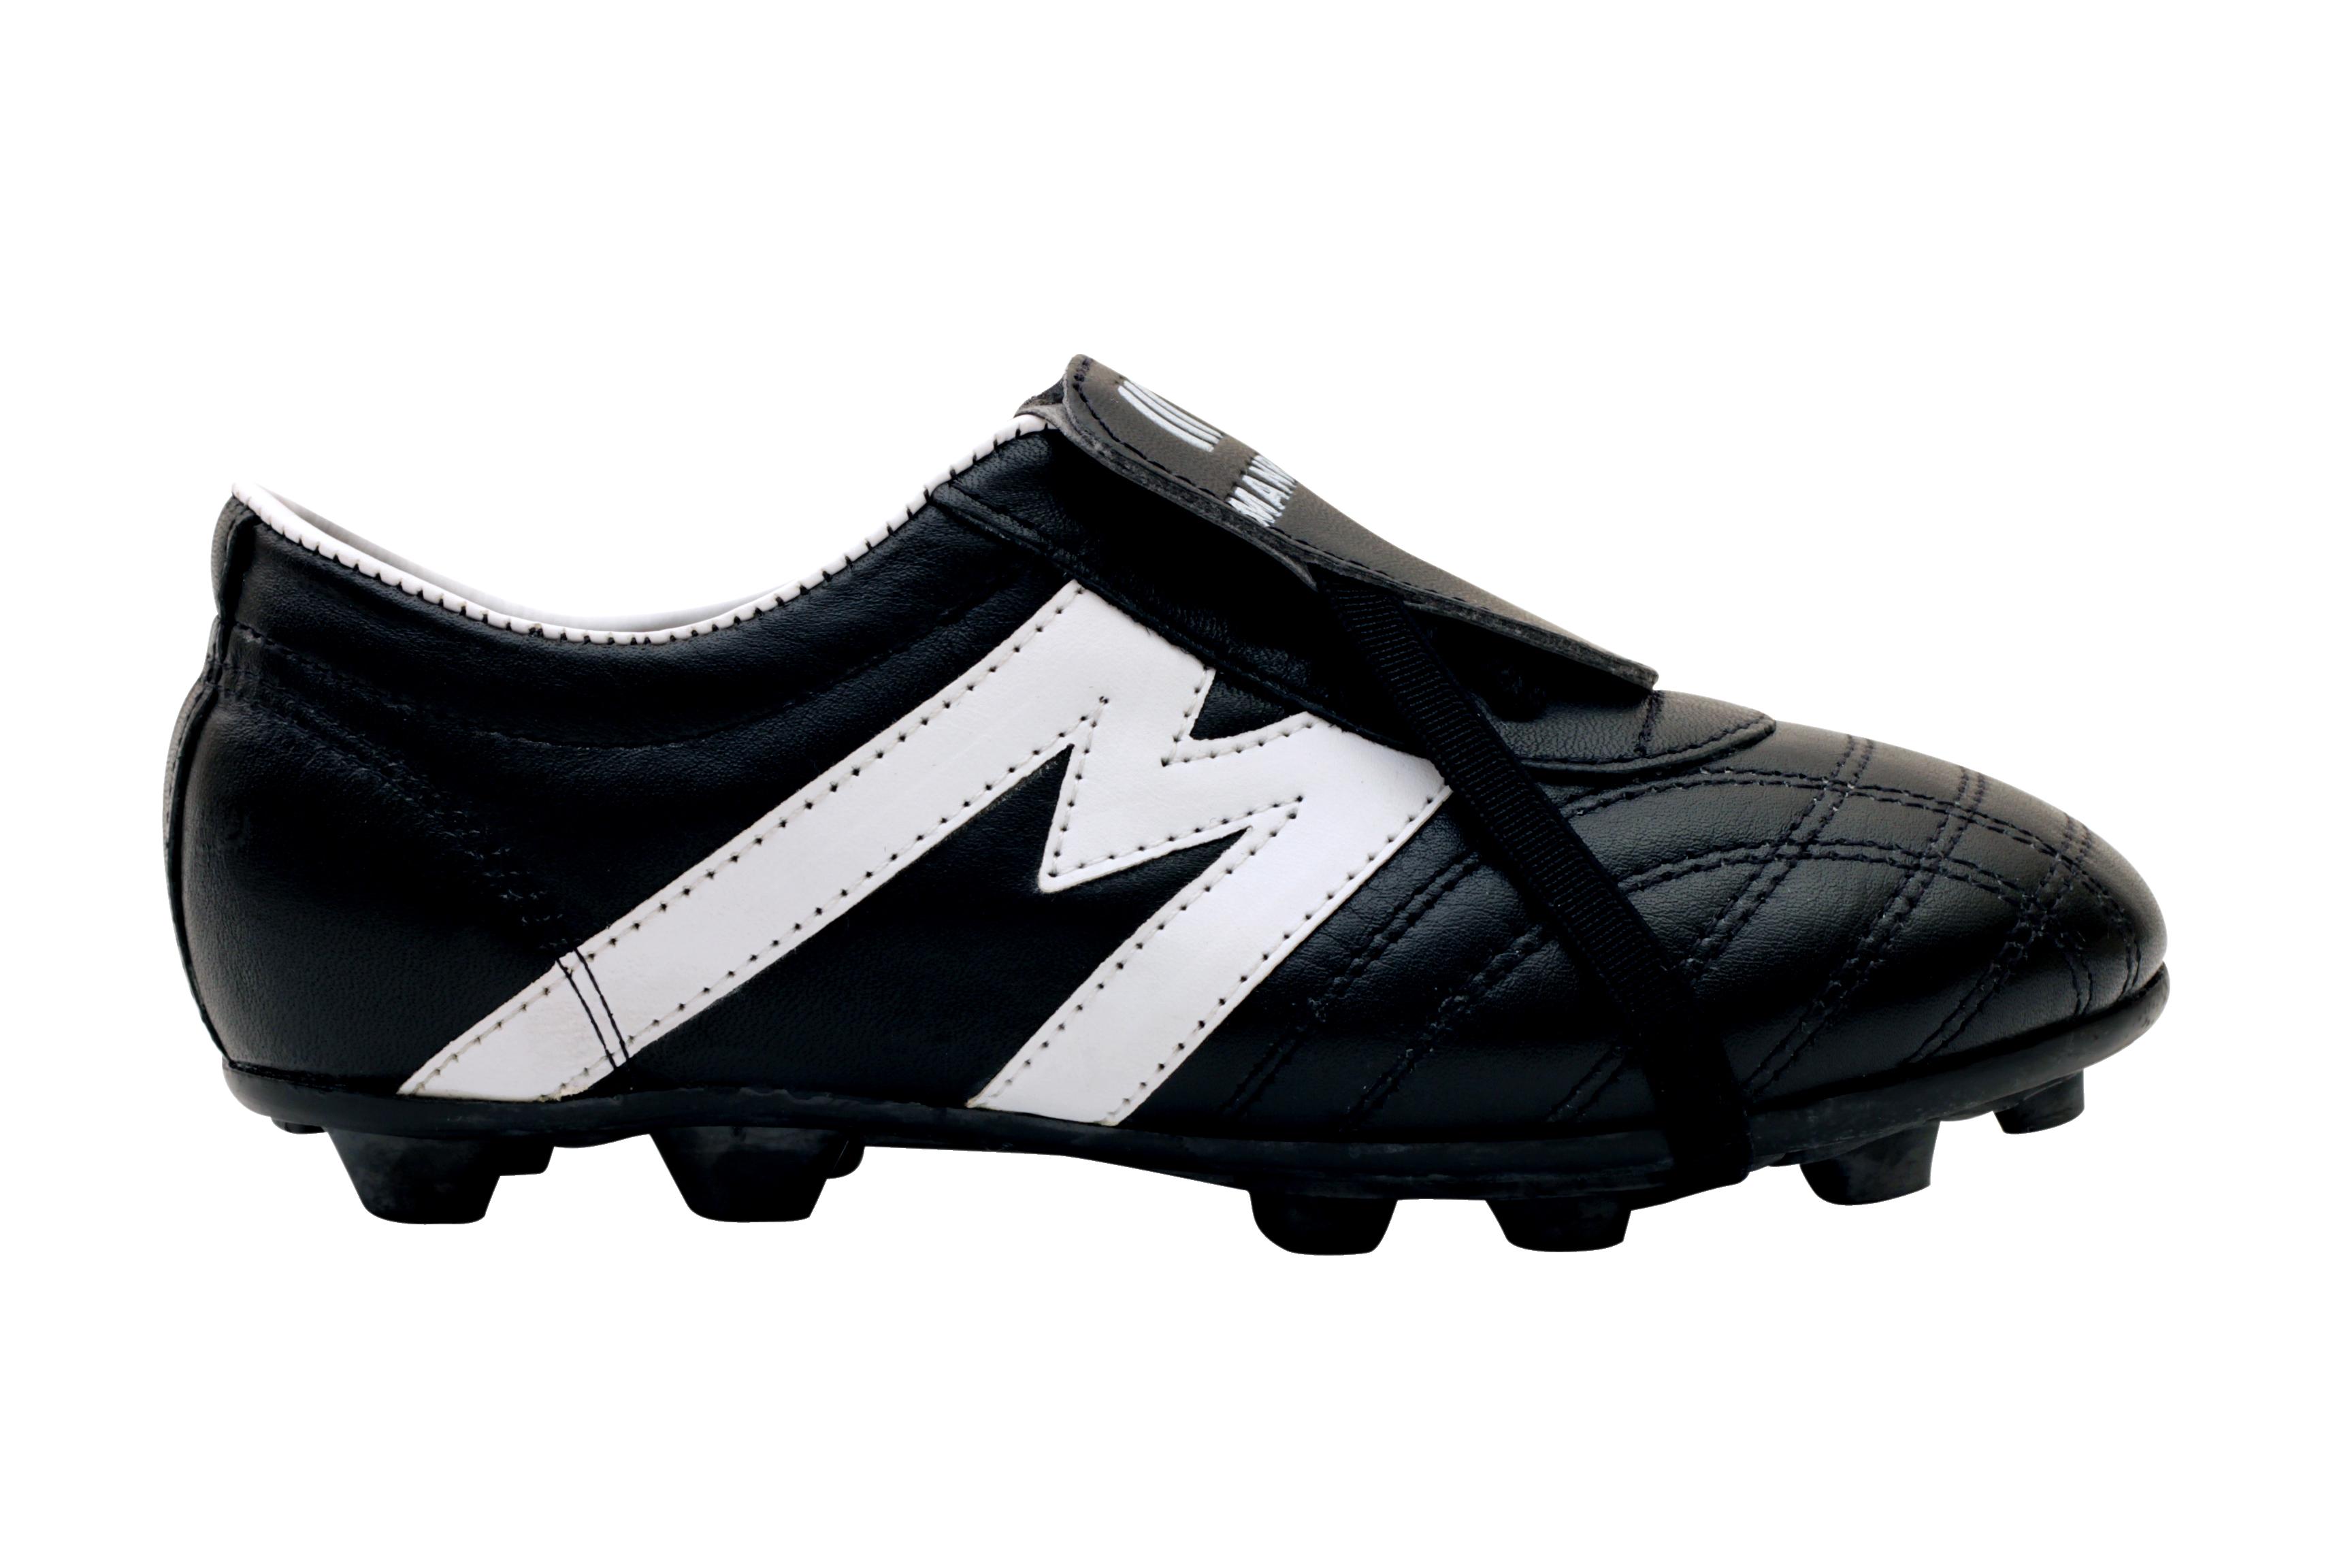 315a71281306b Inicio Tienda     Por Marca     Manriquez Calzado Tacos Fútbol Superficie  Dura (tierra) Zapato futbol Manriquez MID TX ngo bco